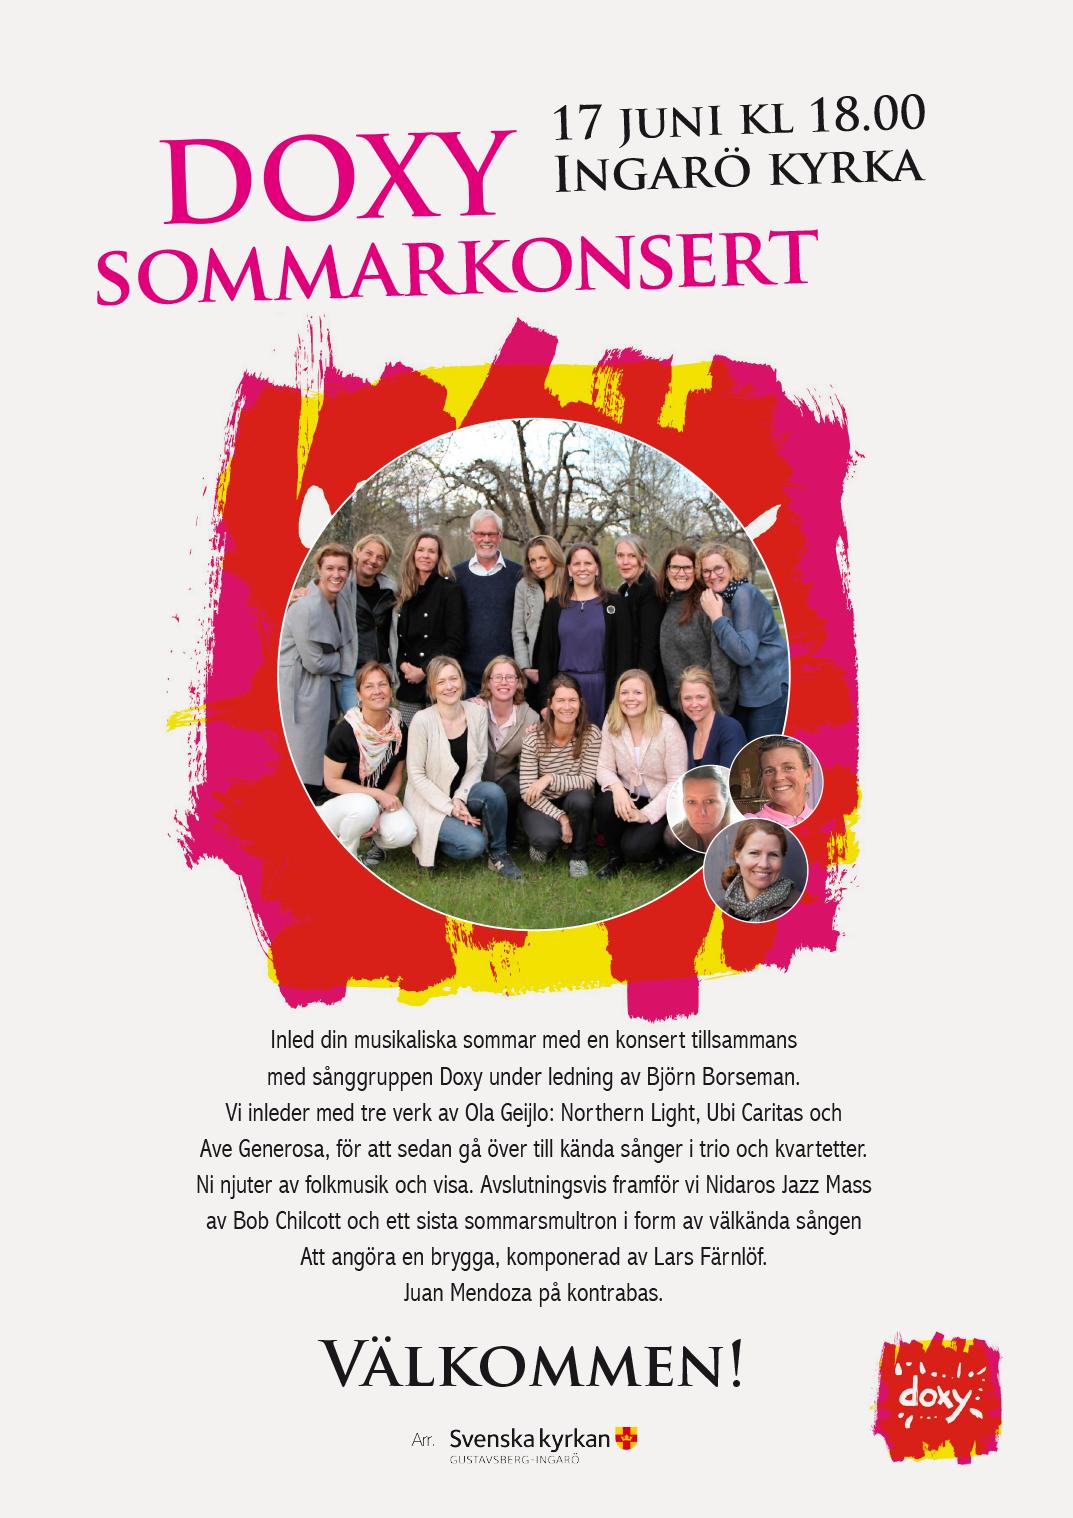 Doxy Sommarkonsert 17 juni Ingarö kyrka